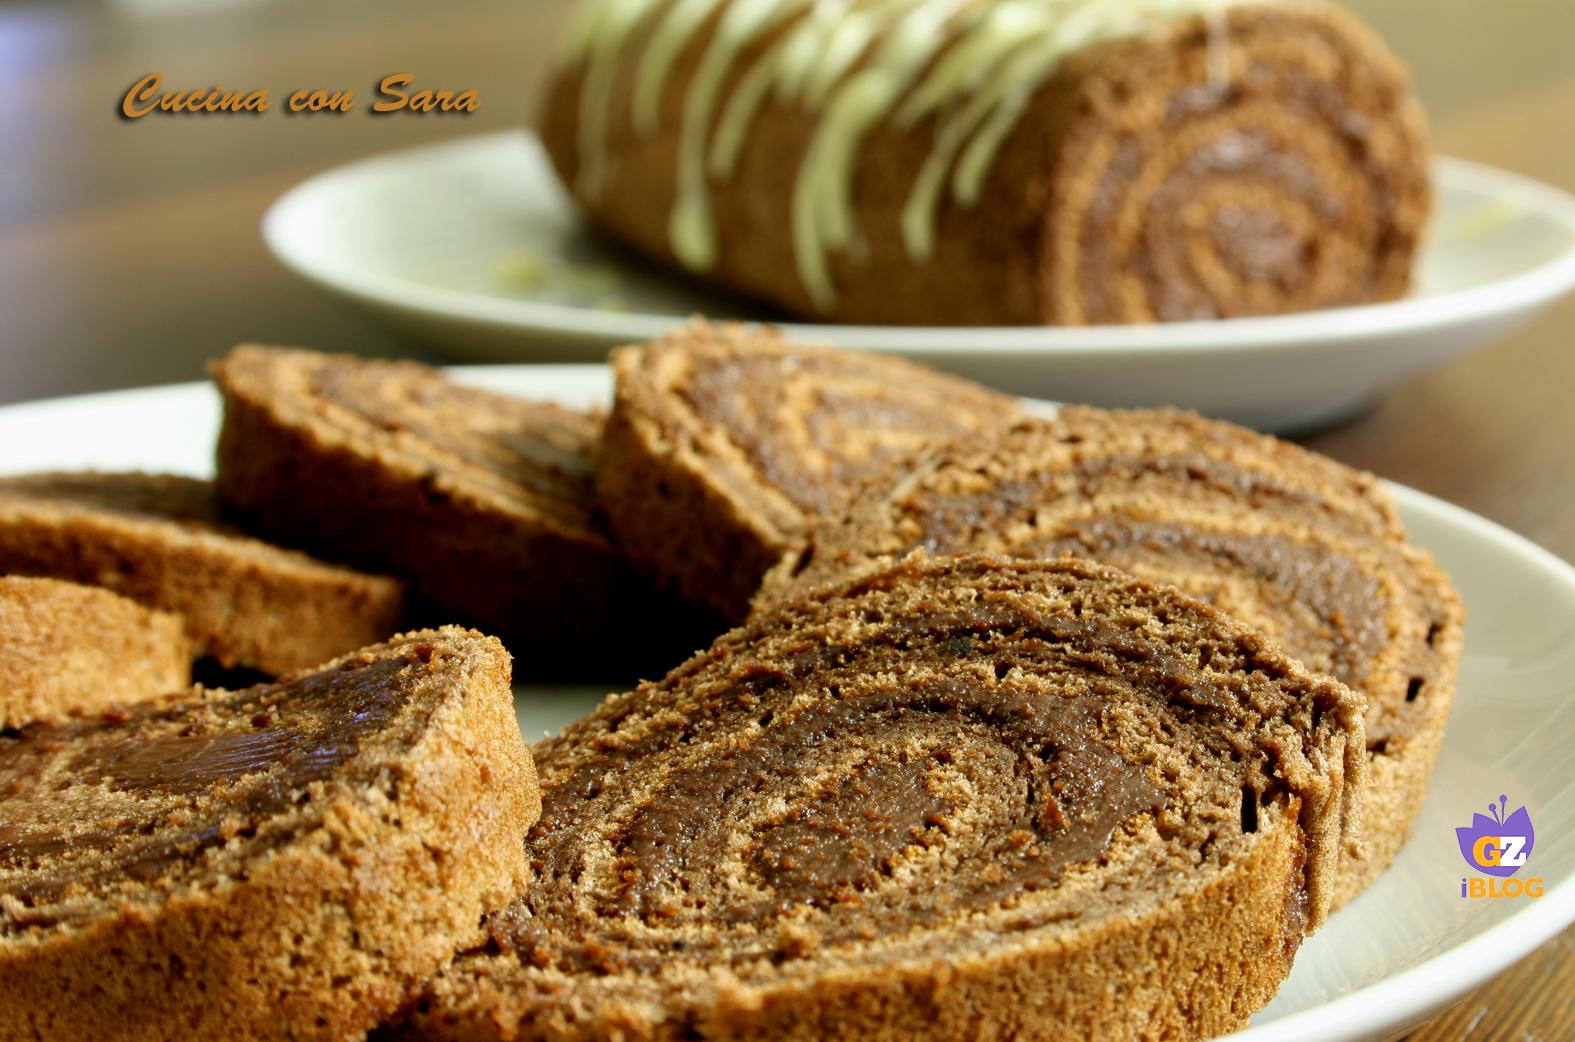 Rotolo al cacao e nutella